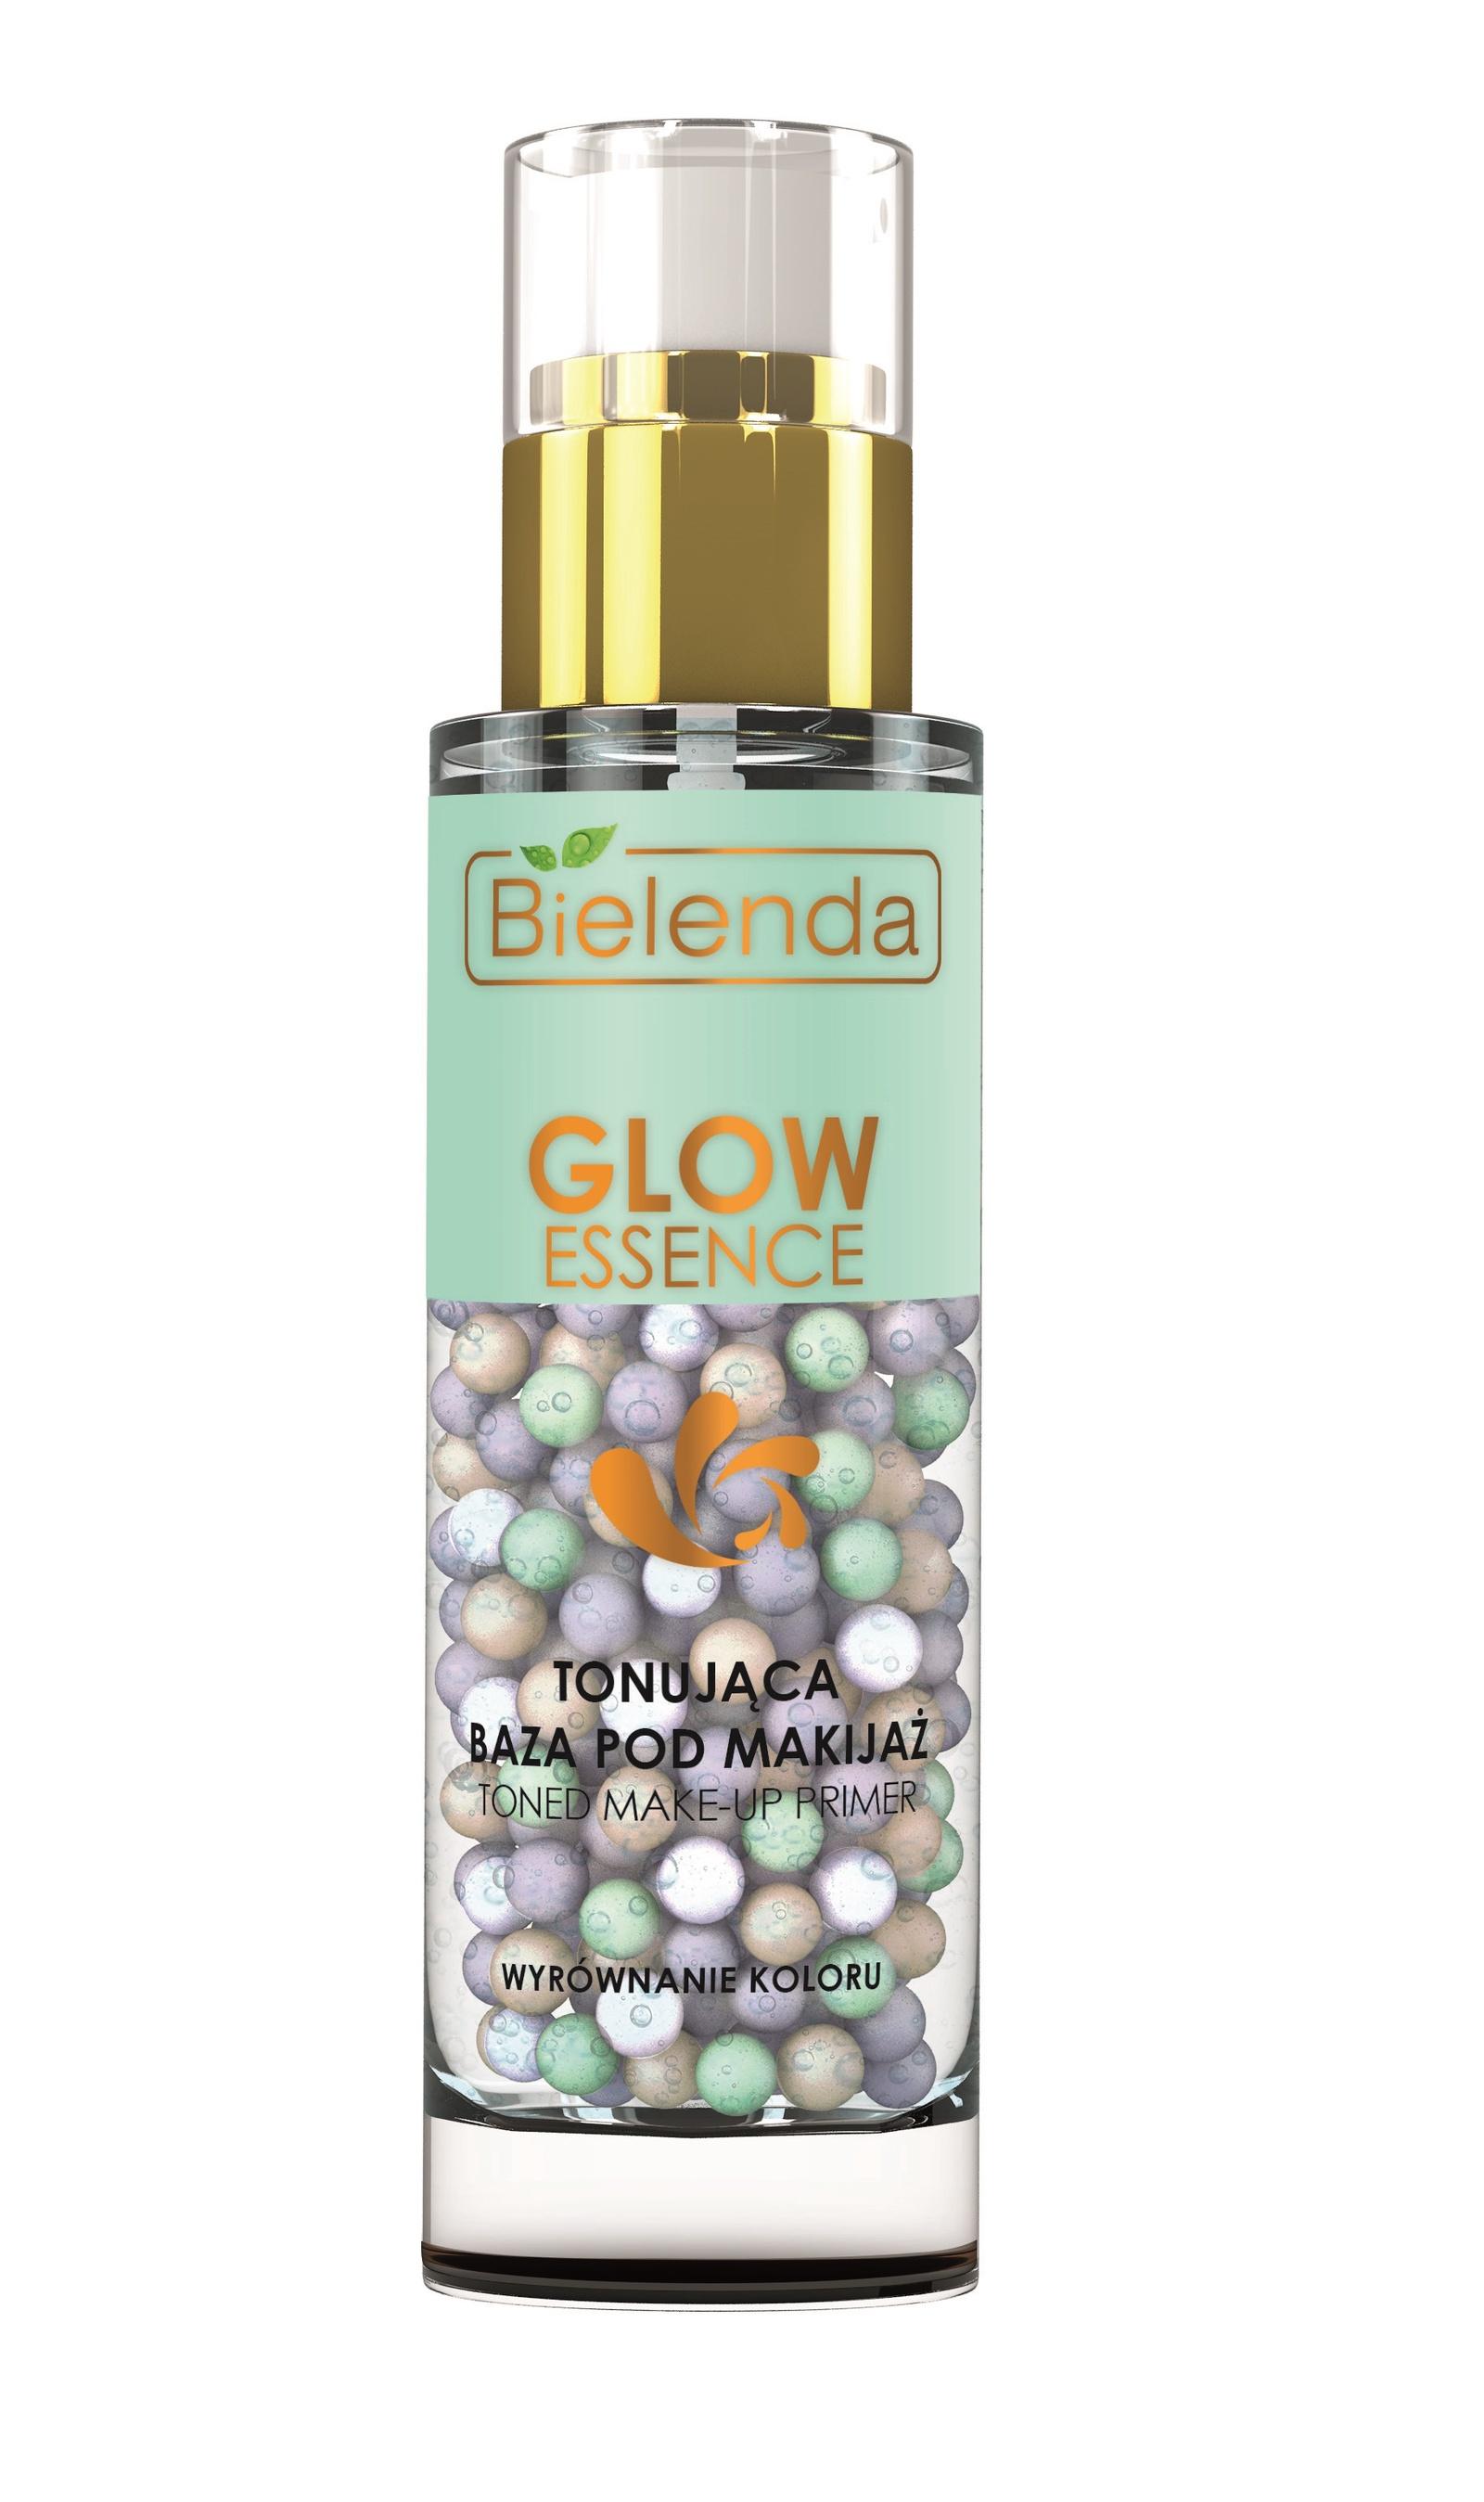 """Гелево-перламутровая основа под макияж выравнивающая тон кожи, """"GLOW ESSENCE"""""""